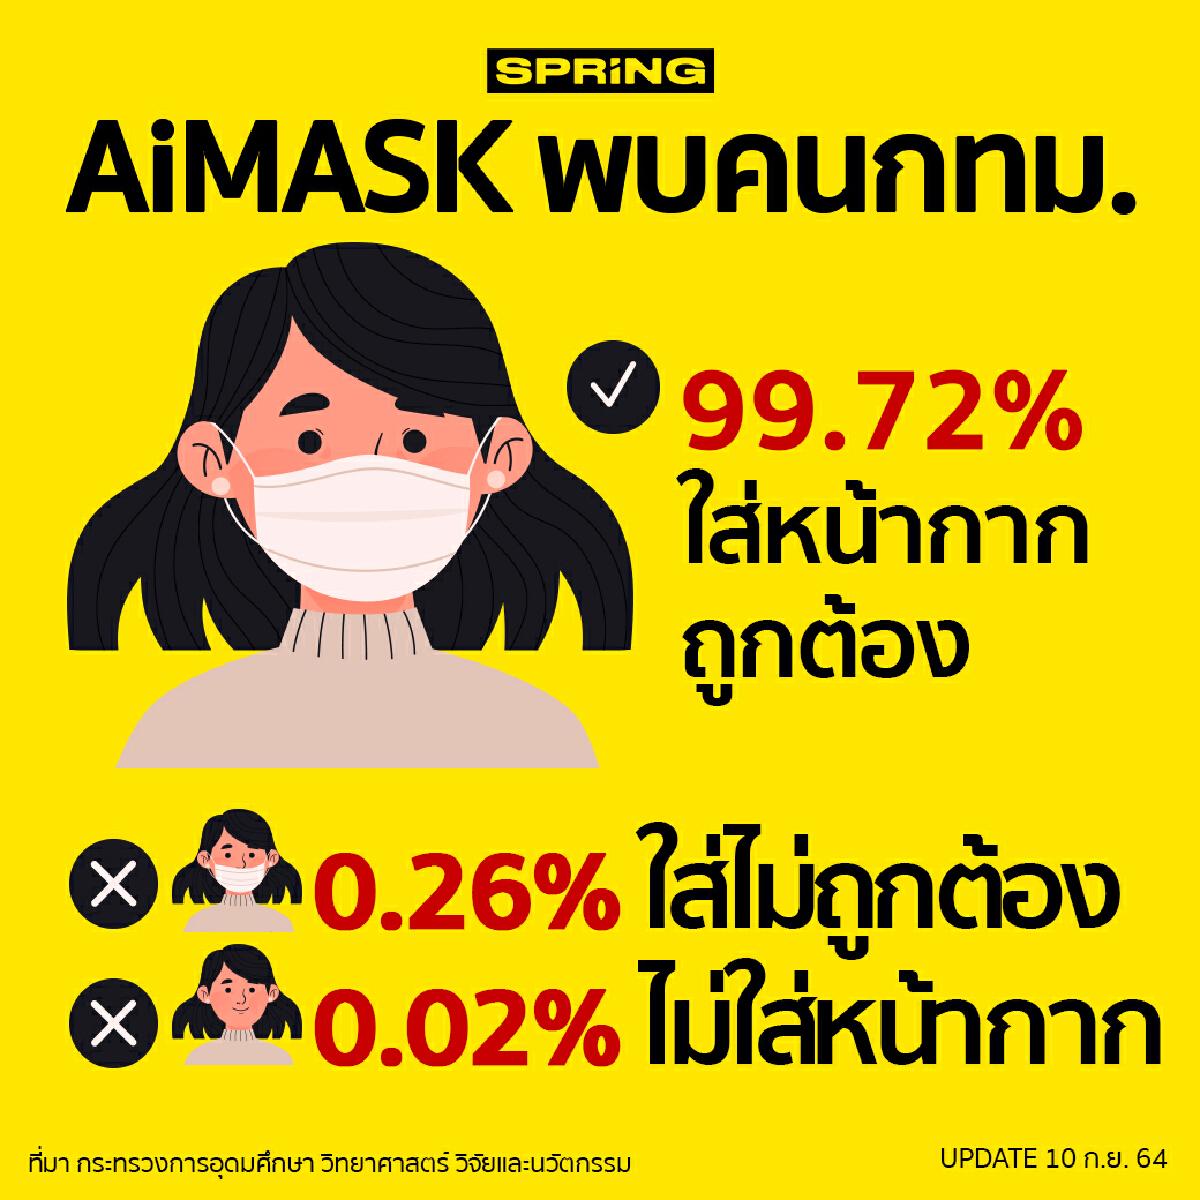 ศบค.เผยรายงาน AiMASK วิเคราะห์การใส่หน้ากากอนามัยของคน กทม.